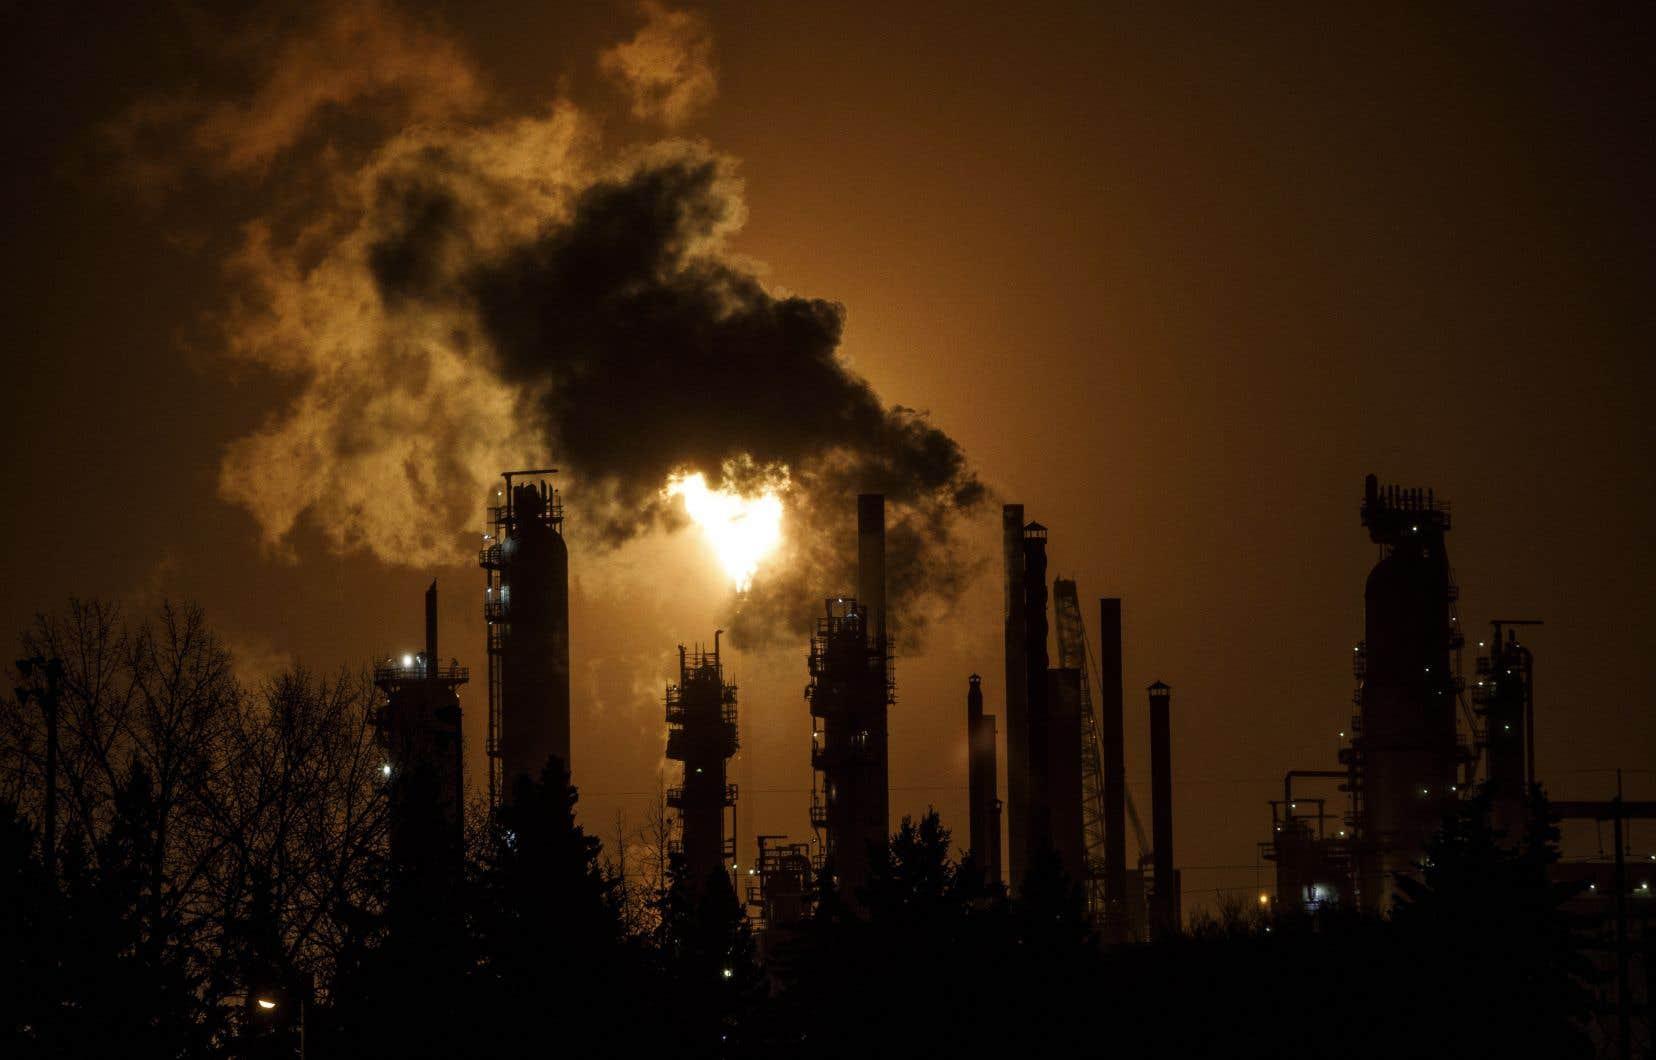 La taxe sur le carbone devrait déjà passer à 50 $ la tonne d'émissions d'ici 2022, mais les libéraux n'ont pas encore annoncé la suite des choses.